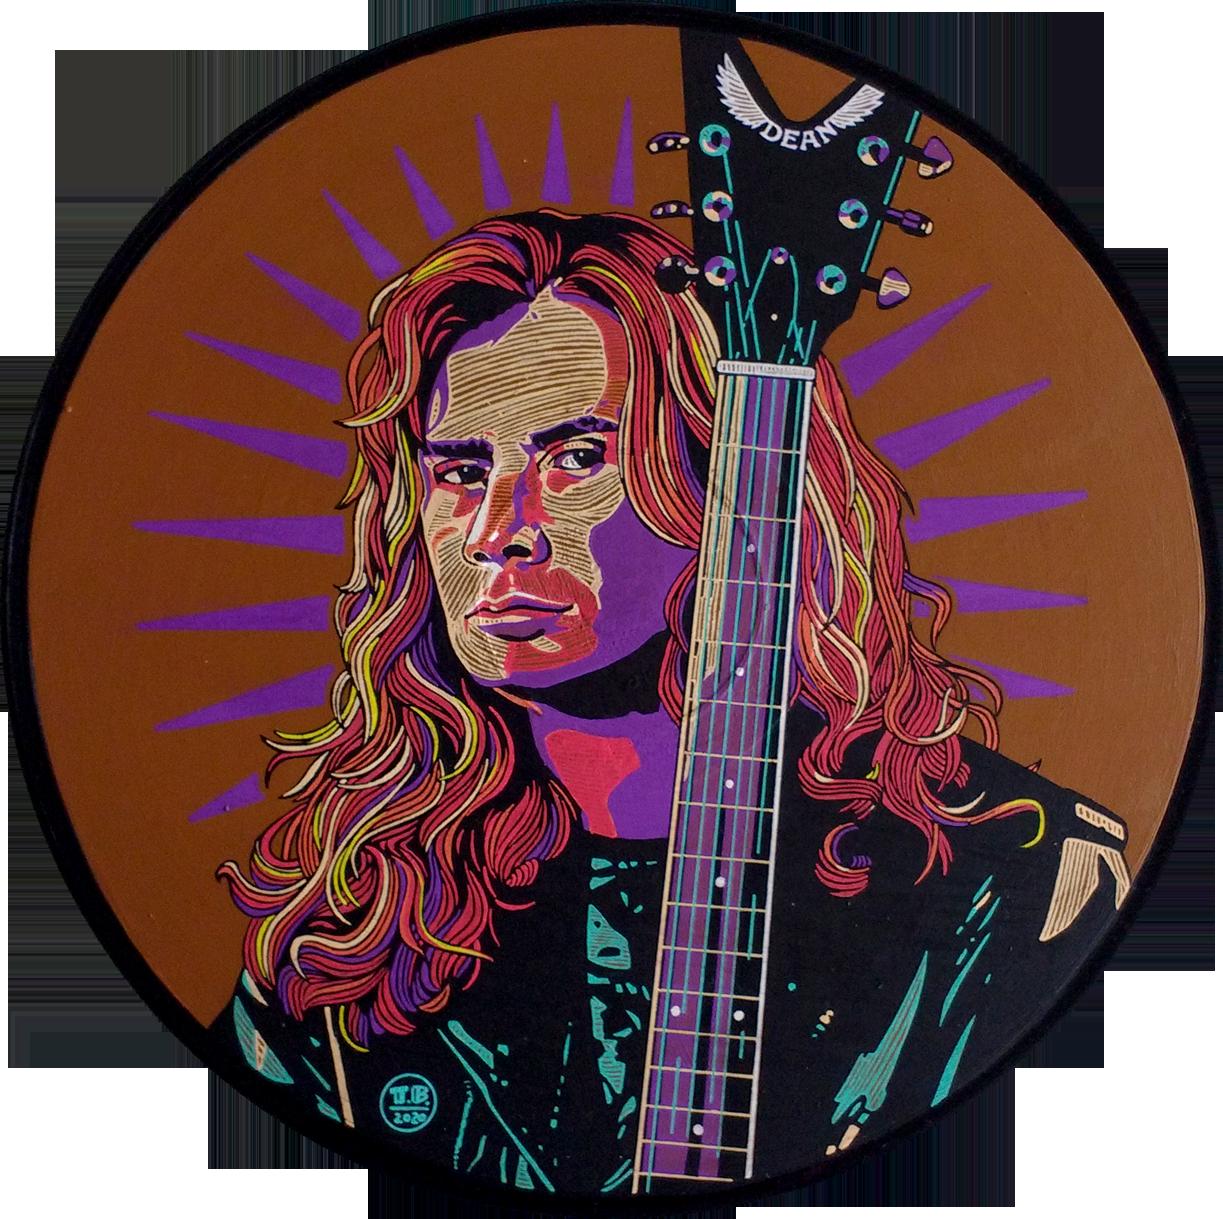 Dave Mustaine  - 30cm diámetro / acrílico y tinta sobre disco de vinilo - usd 200